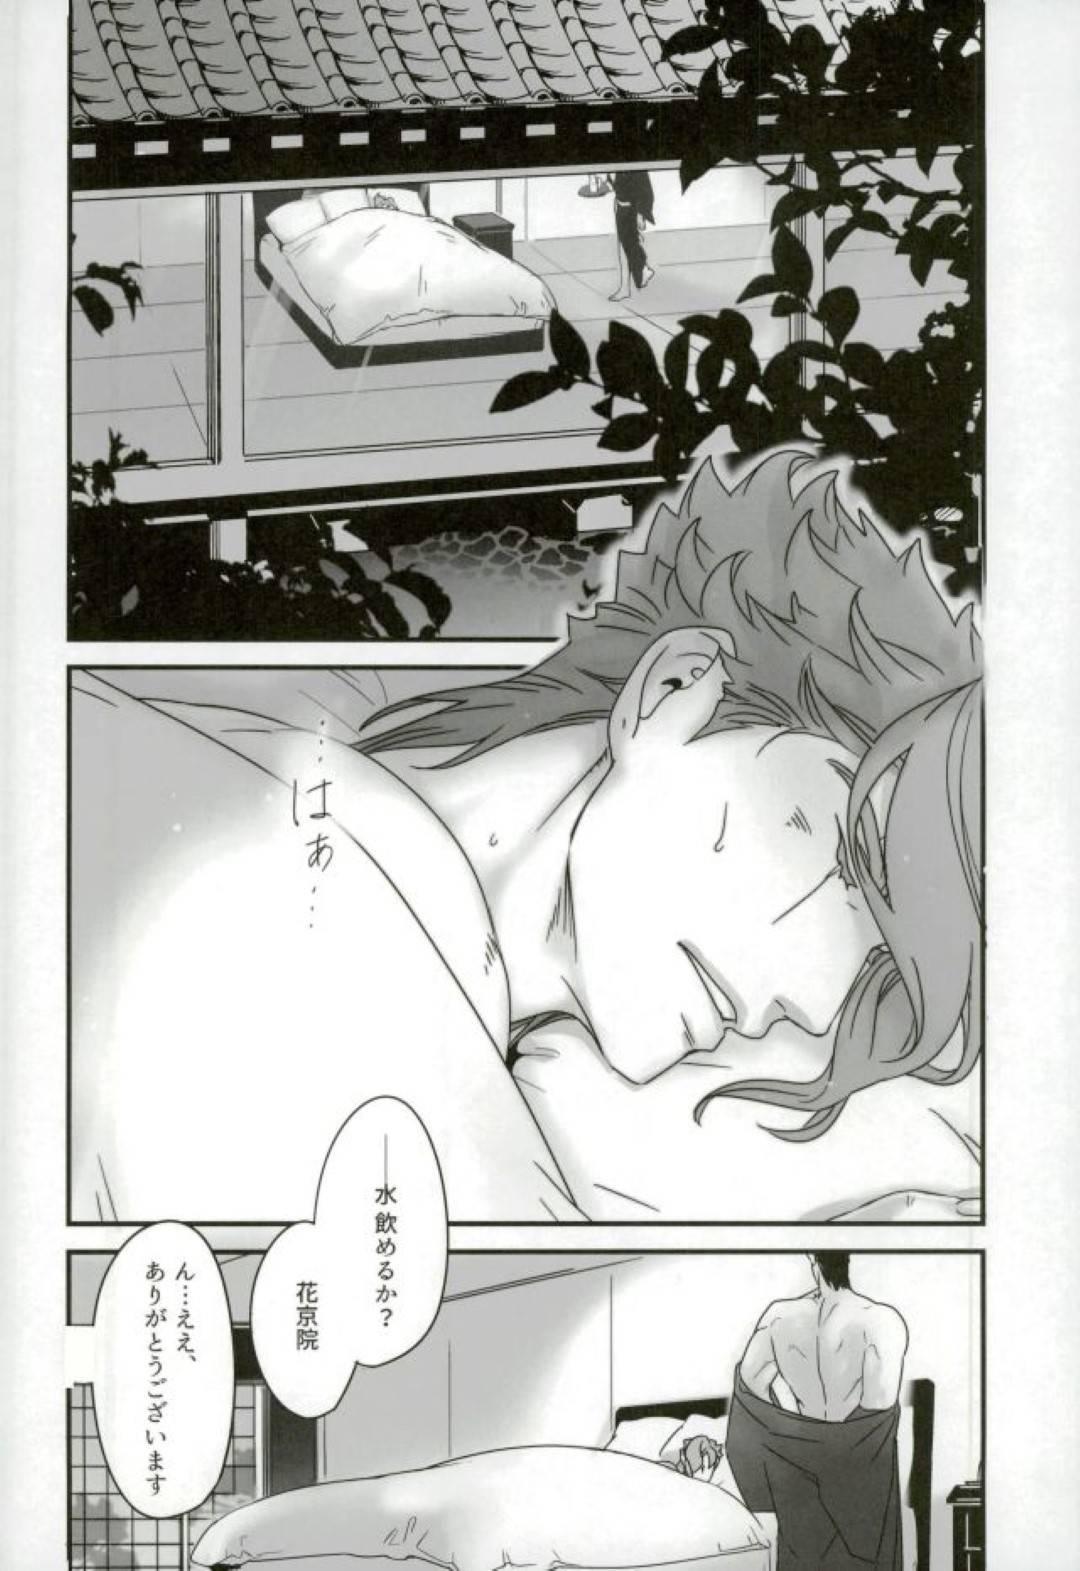 嬉しいと星が降る承太郎と花が舞う花京院…花京院は承太郎が奉仕している時の方が星が降っている事を知ると、もっと降らせたいと思い受けに徹しイチャラブアナルセックスで星と花を舞わせる。